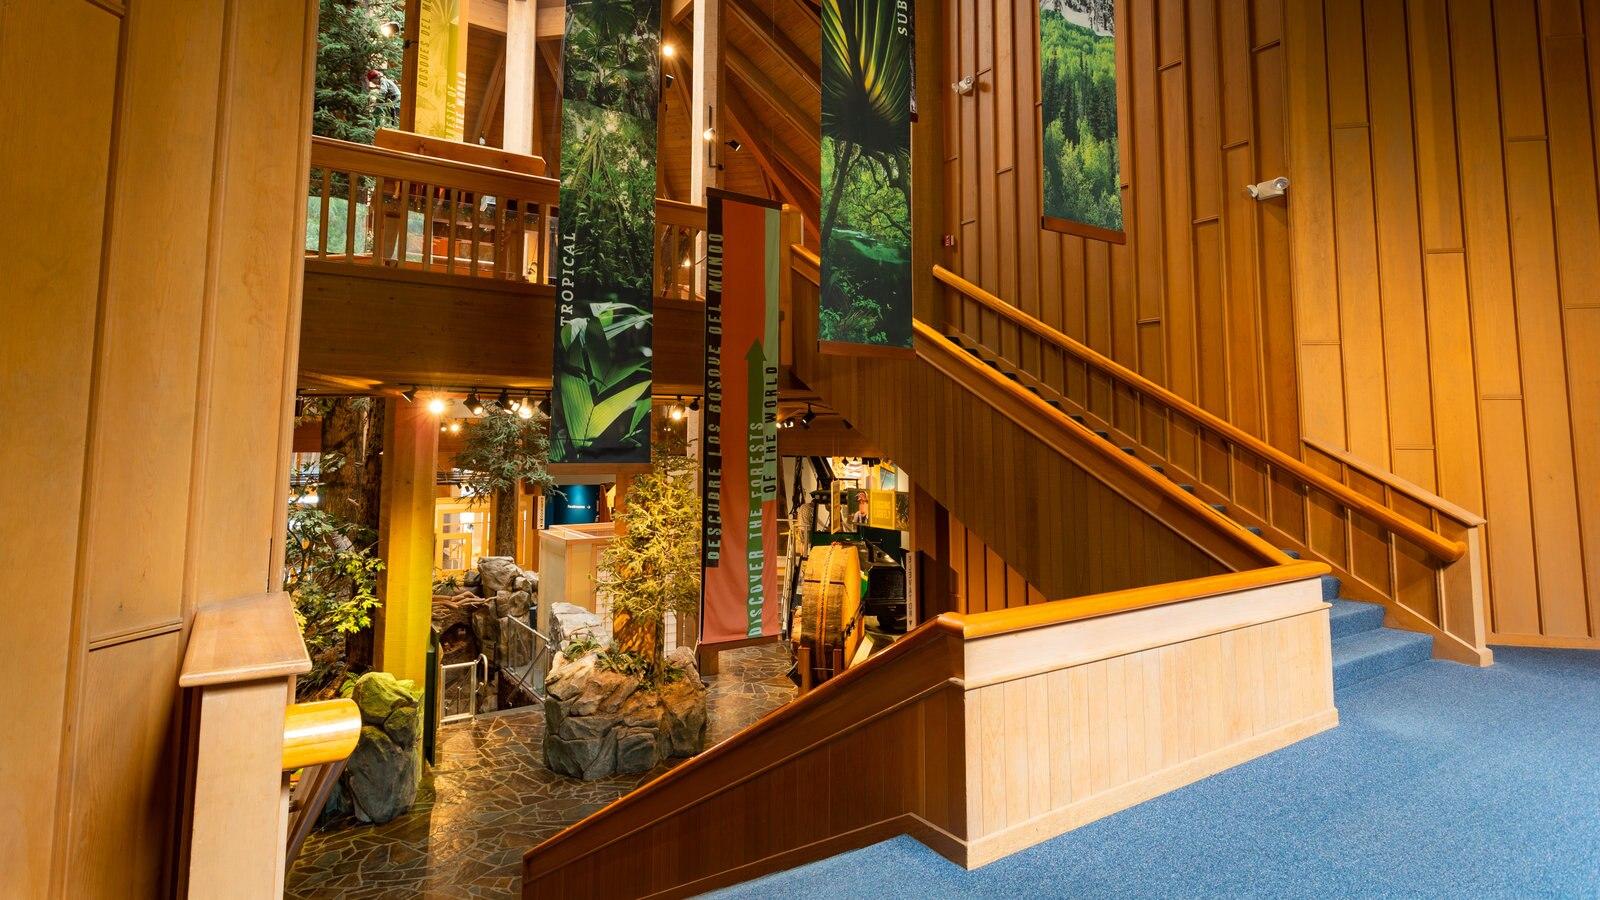 World Forestry Center que inclui vistas internas